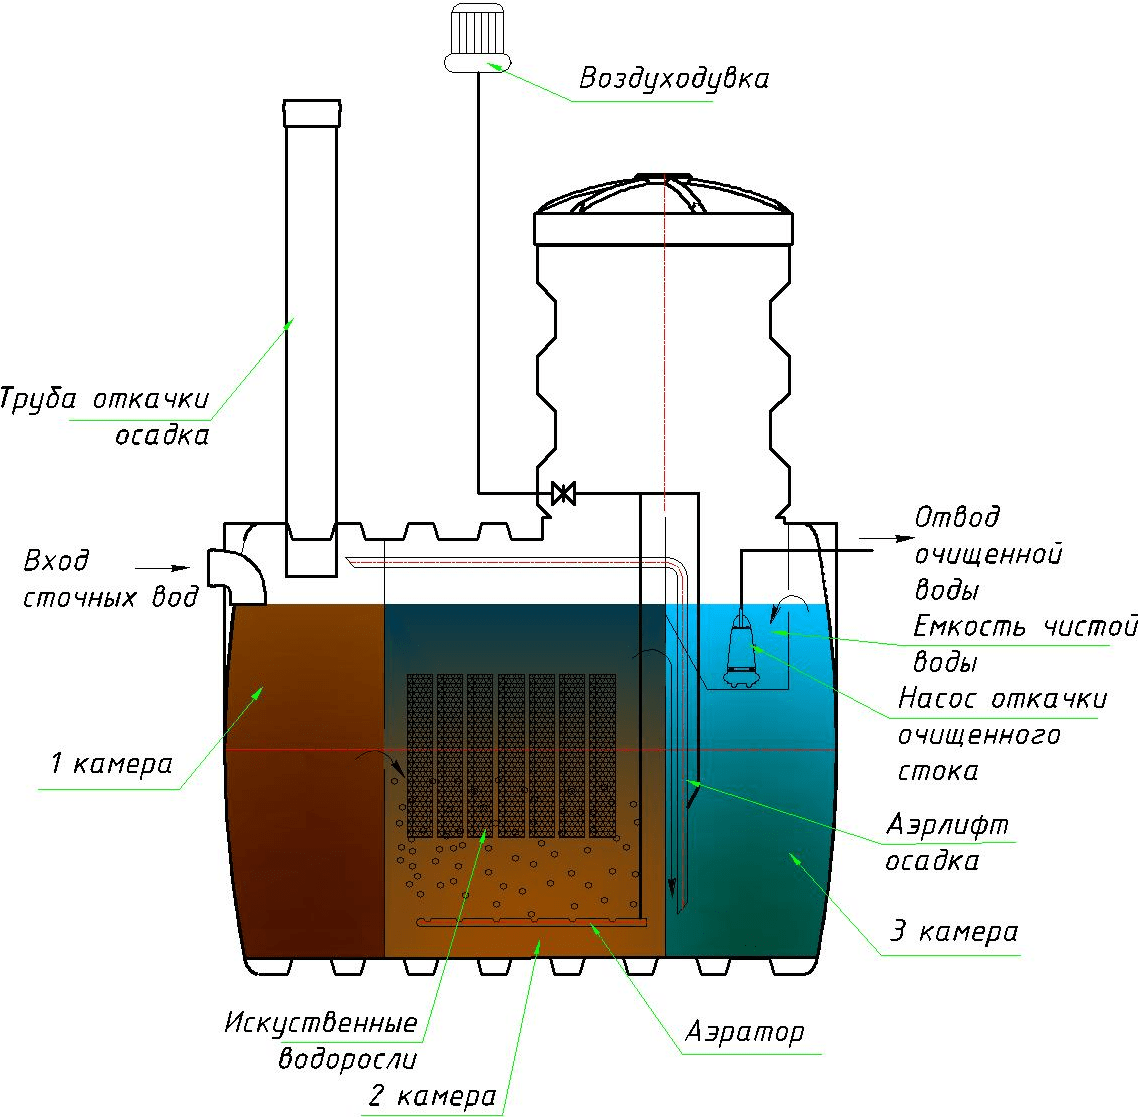 Схема работы септика ЛОС Аэро Чистовод